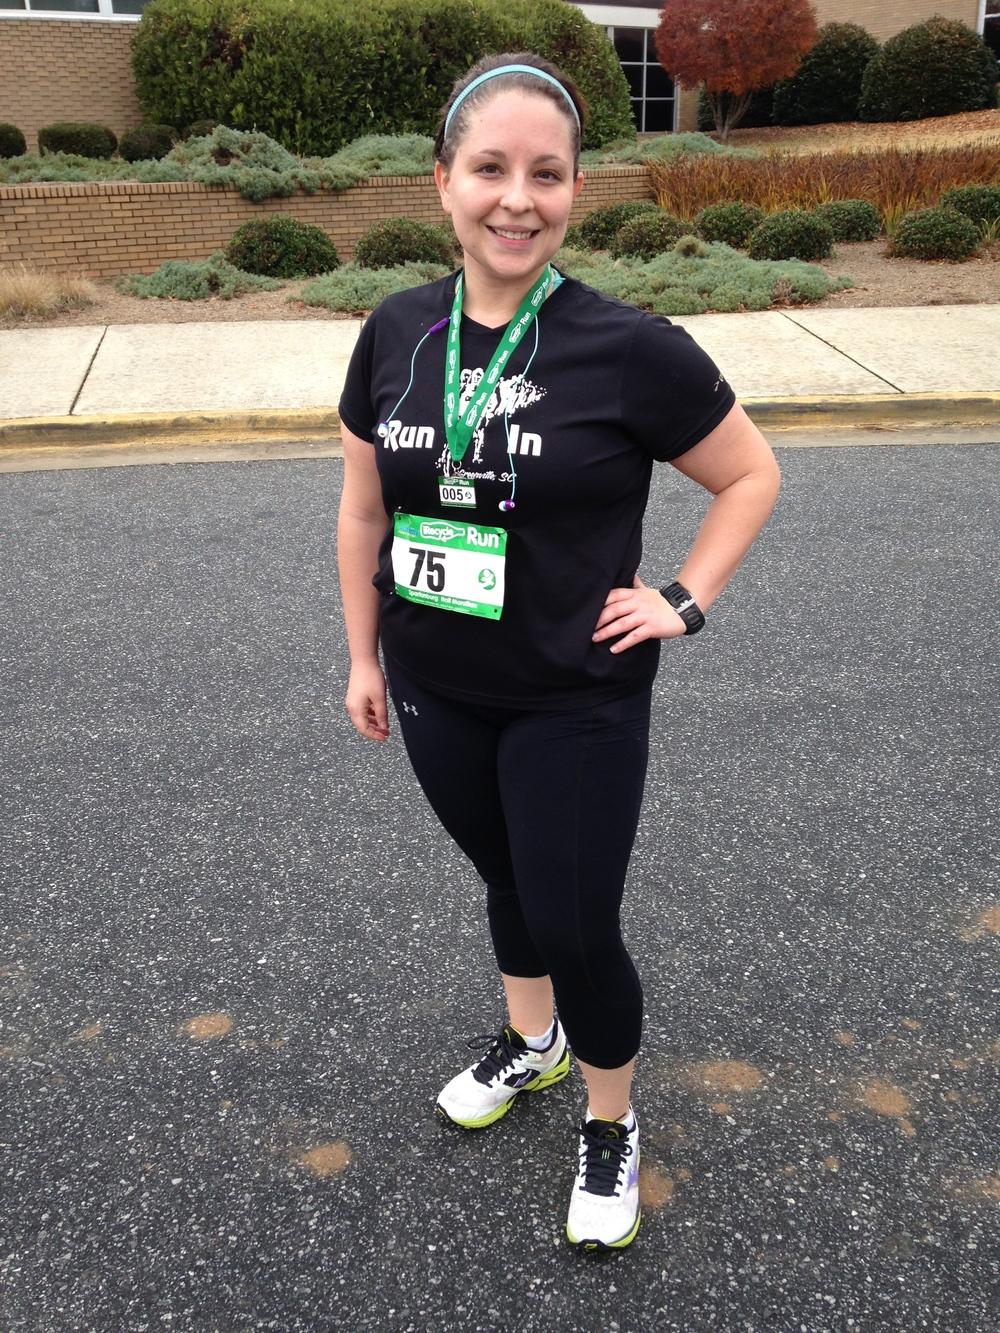 Half Marathon success!